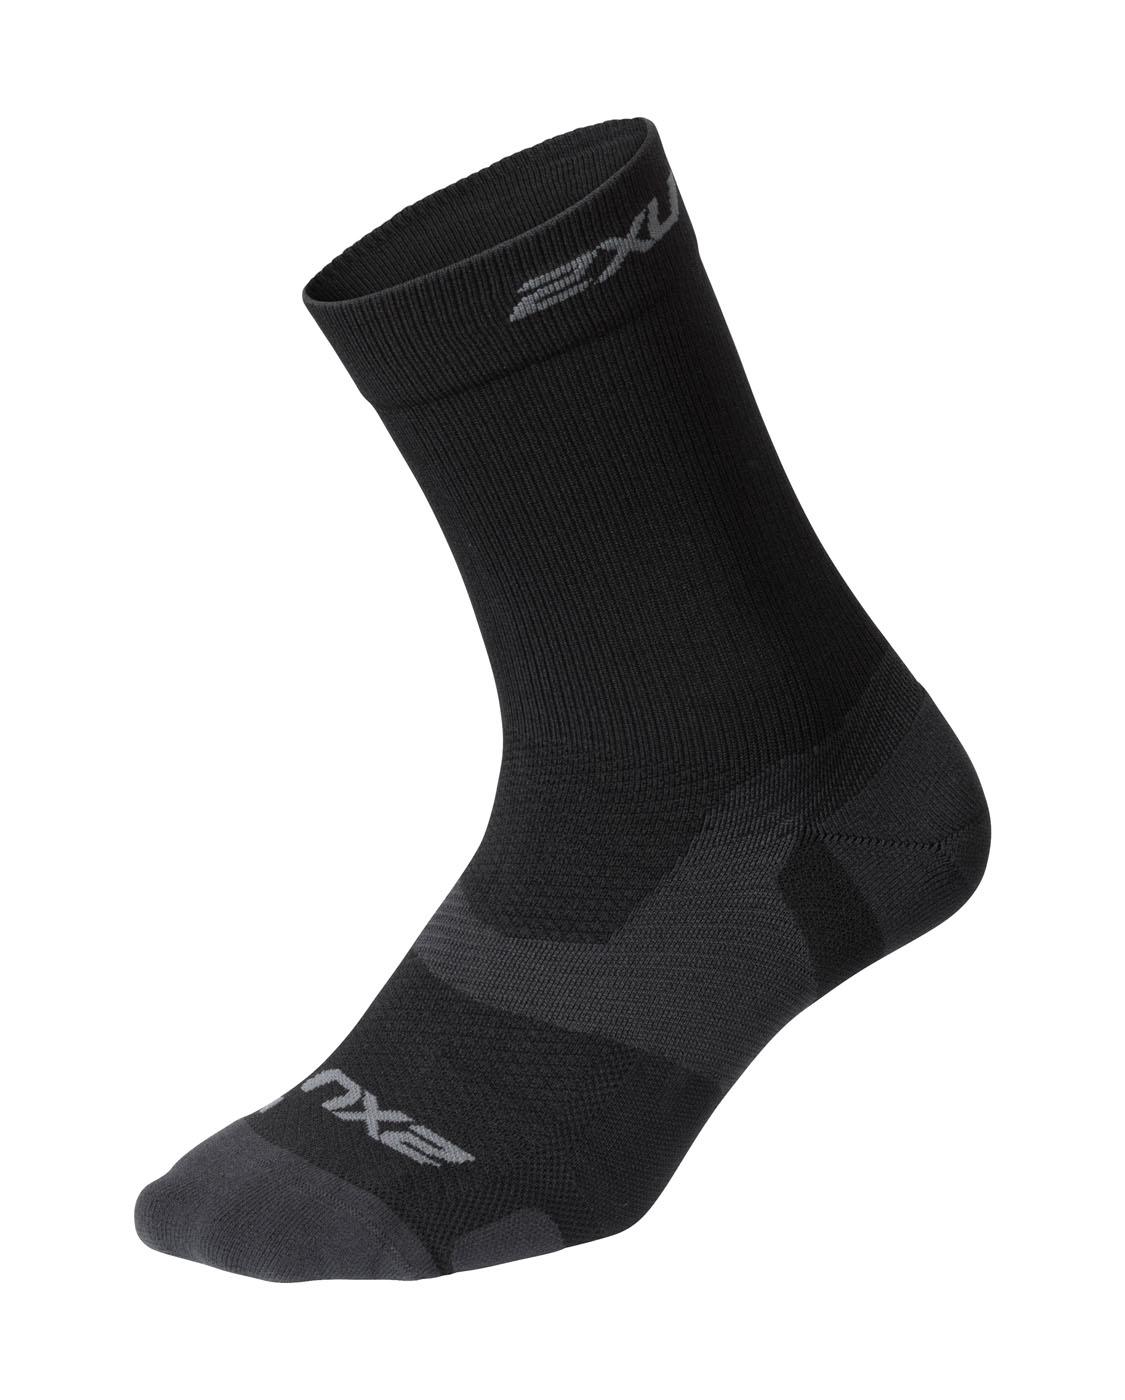 2XU Unisex Vectr Light Cushion Crew Socks - Black/Titanium